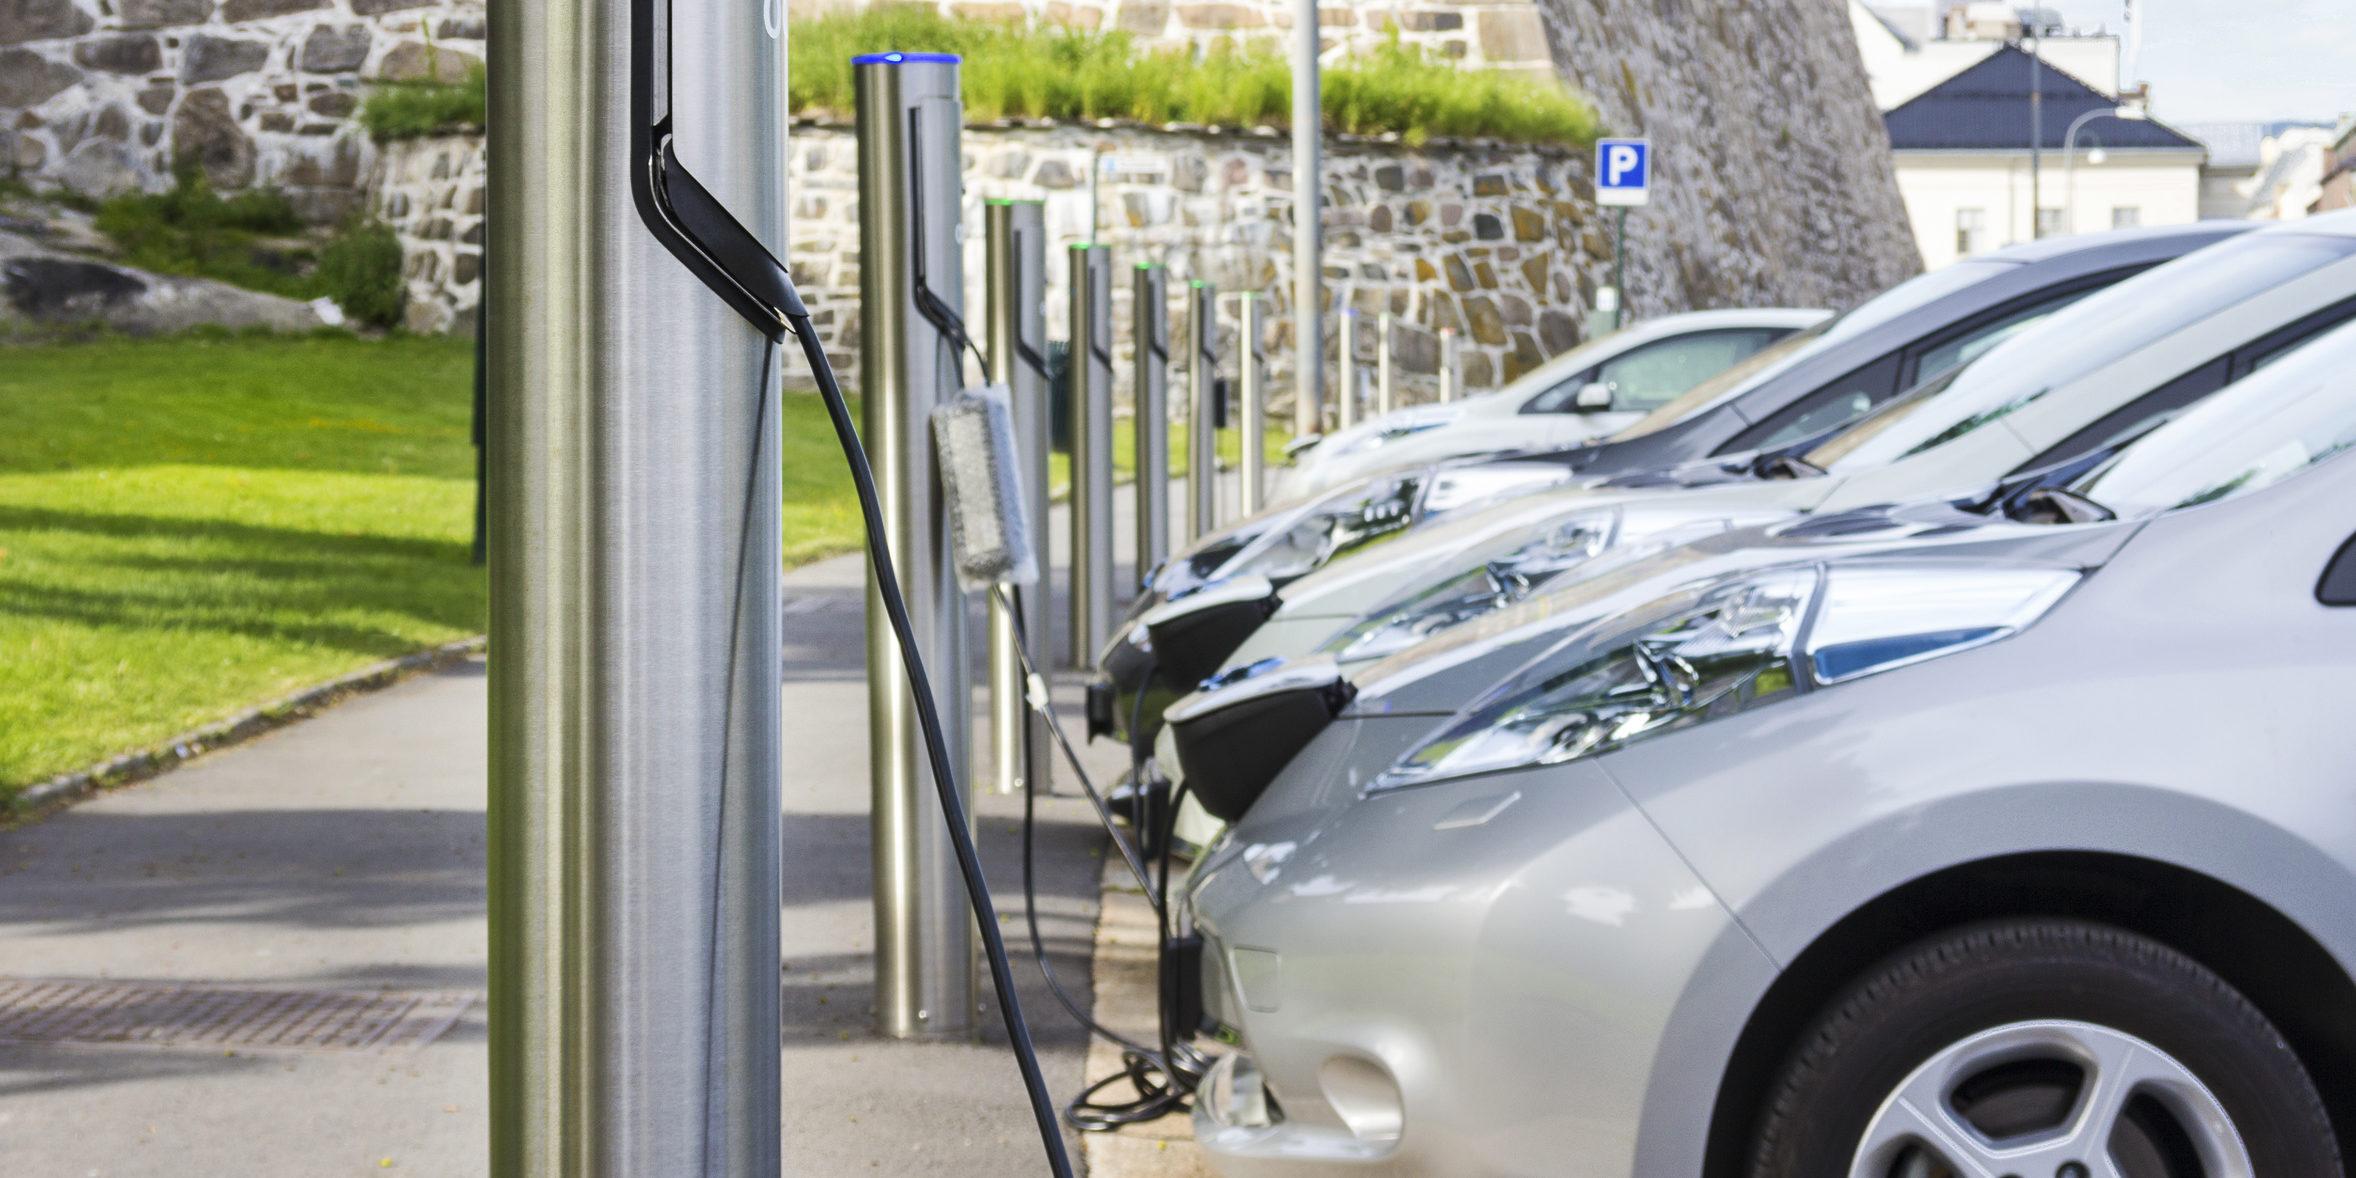 Vortrag über die Elektromobilität im Immobiliensektor im Rahmen des Kielers Energieeffiziensforums